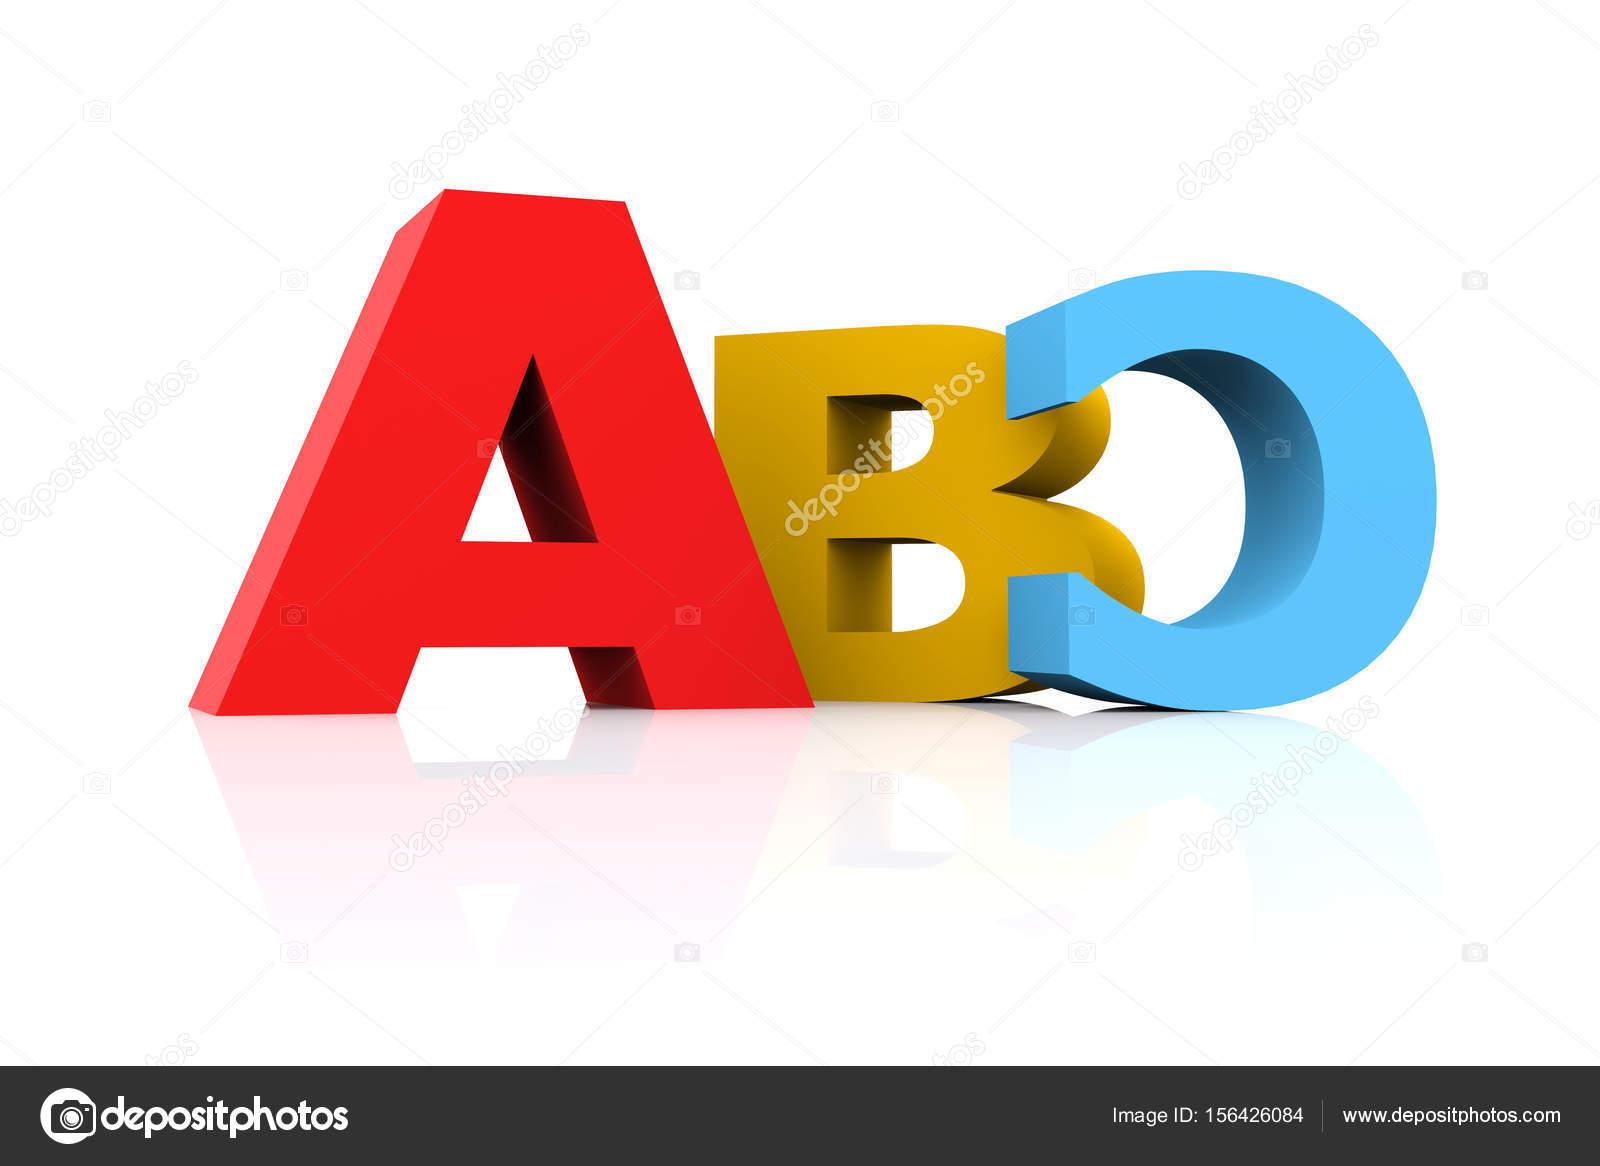 Illustrazione 3D Che Caratterizza Multicolore Girato Capitale Abc Su Superficie Riflettente Bianca Foto Di Canbedone